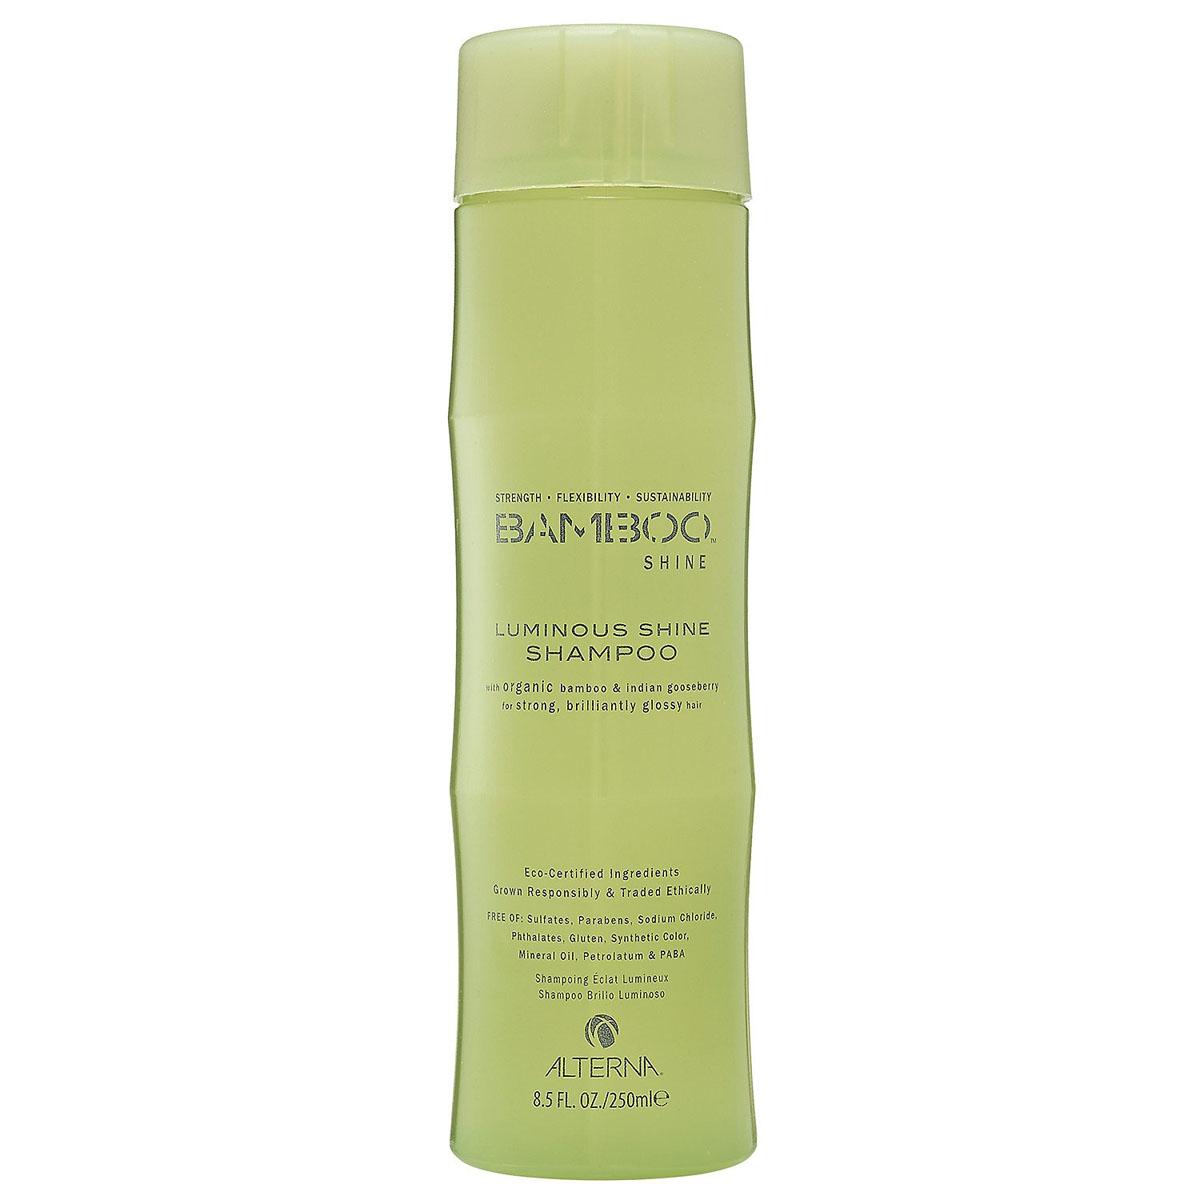 Alterna Шампунь для сияния и блеска волос (безсульфатный) Bamboo Luminous Shine Shampoo - 250 мл101599Органическое масло индийского крыжовника и экстракт бамбука, входящие в состав шампуня Bamboo Luminous Shine Shampoo помогут оптимально увлажнить и укрепить волосы, делая их гладкими, сильными и шелковистыми. Технология Color Hold позволит окрашенным волосам дольше сохранять цвет, не вымывая его. Идеально подходит для светлых волос. Результат: очищает волосы без использования сульфатов. Оптимально увлажняет и укрепляет волосы. Сохраняет яркость цвета окрашенных и натуральных волос. Улучшает внешний вид волос. Разглаживает волосы, придает им гладкость и блеск.